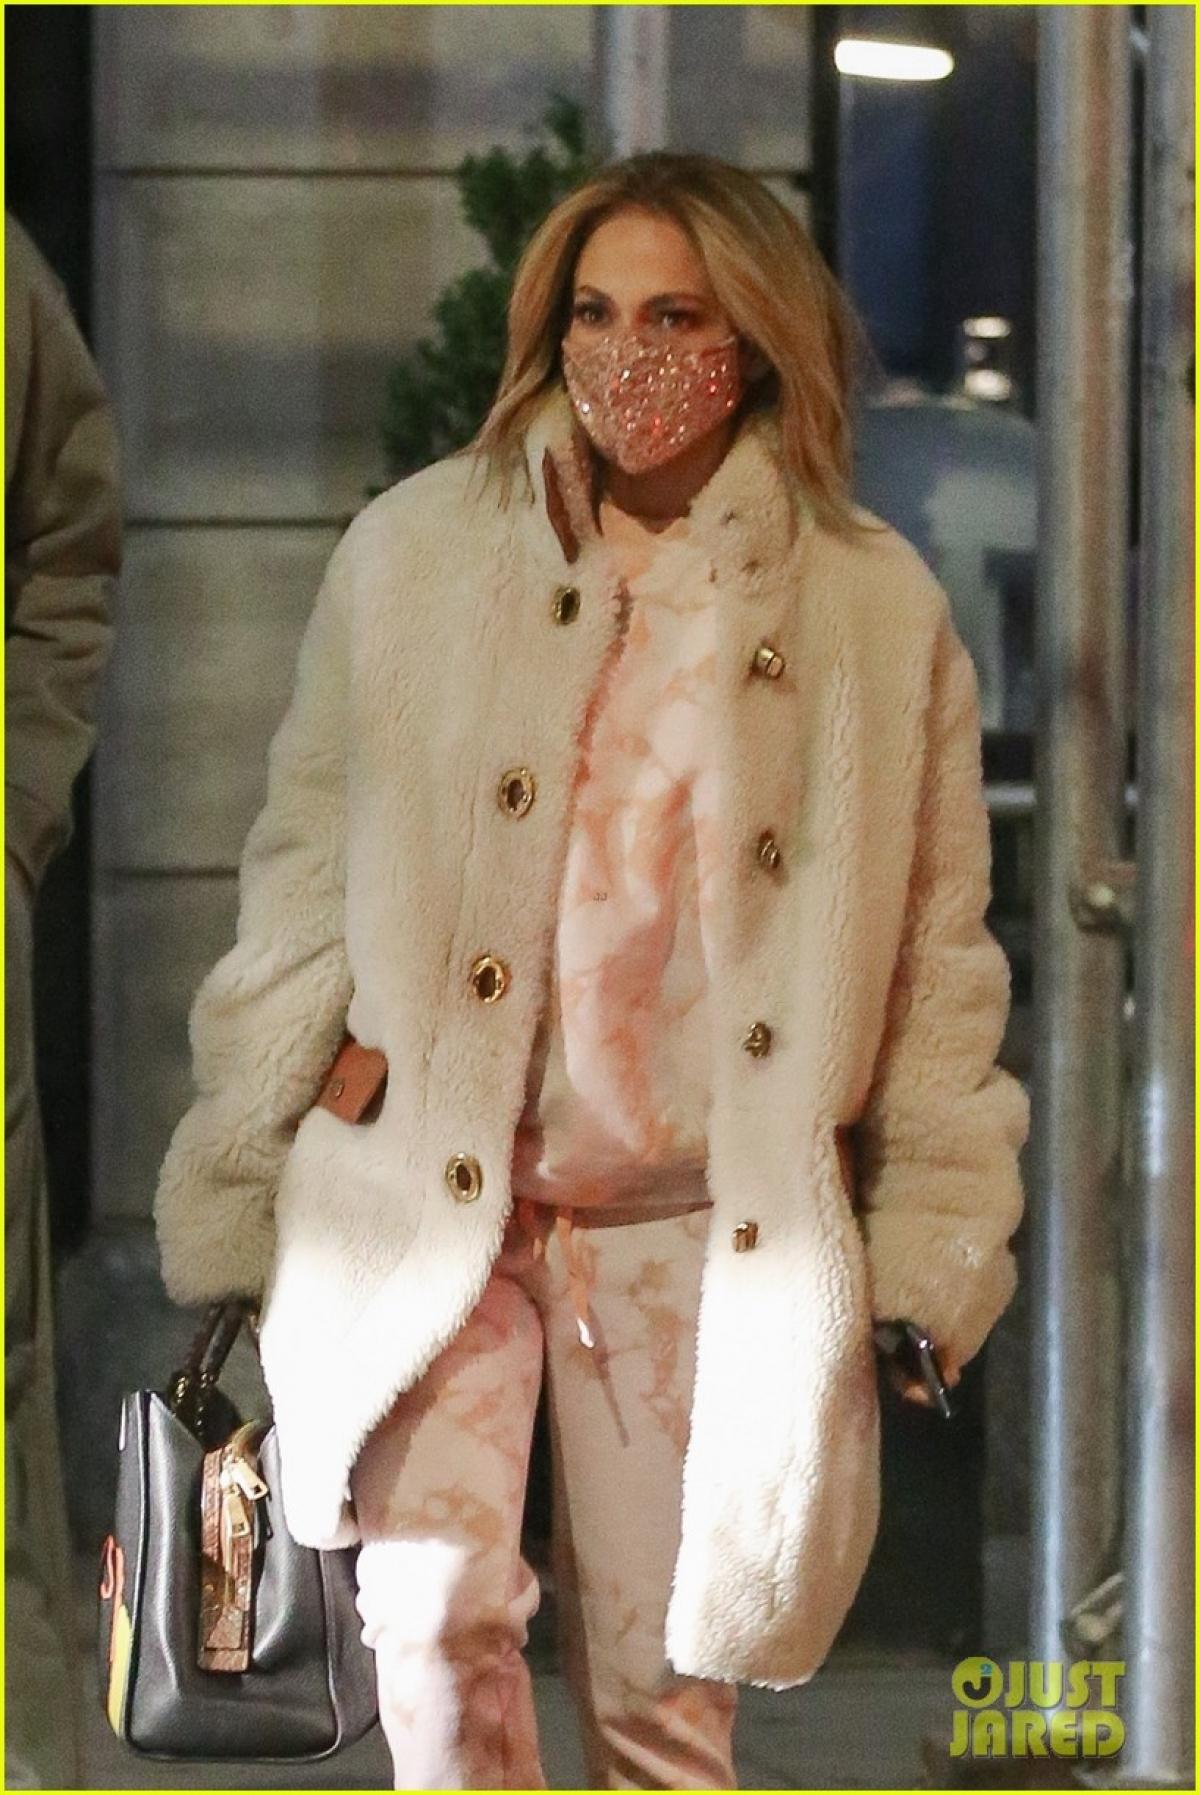 Trong buổi phỏng vấn trước đó với Today, Jennifer Lopez đã thẳng thắn chia sẻ về cuộc sống hiện tại của cô với hôn phu Alex Rodriguez cũng như khoảng thời gian giãn cách xã hội do dịch Covid-19.